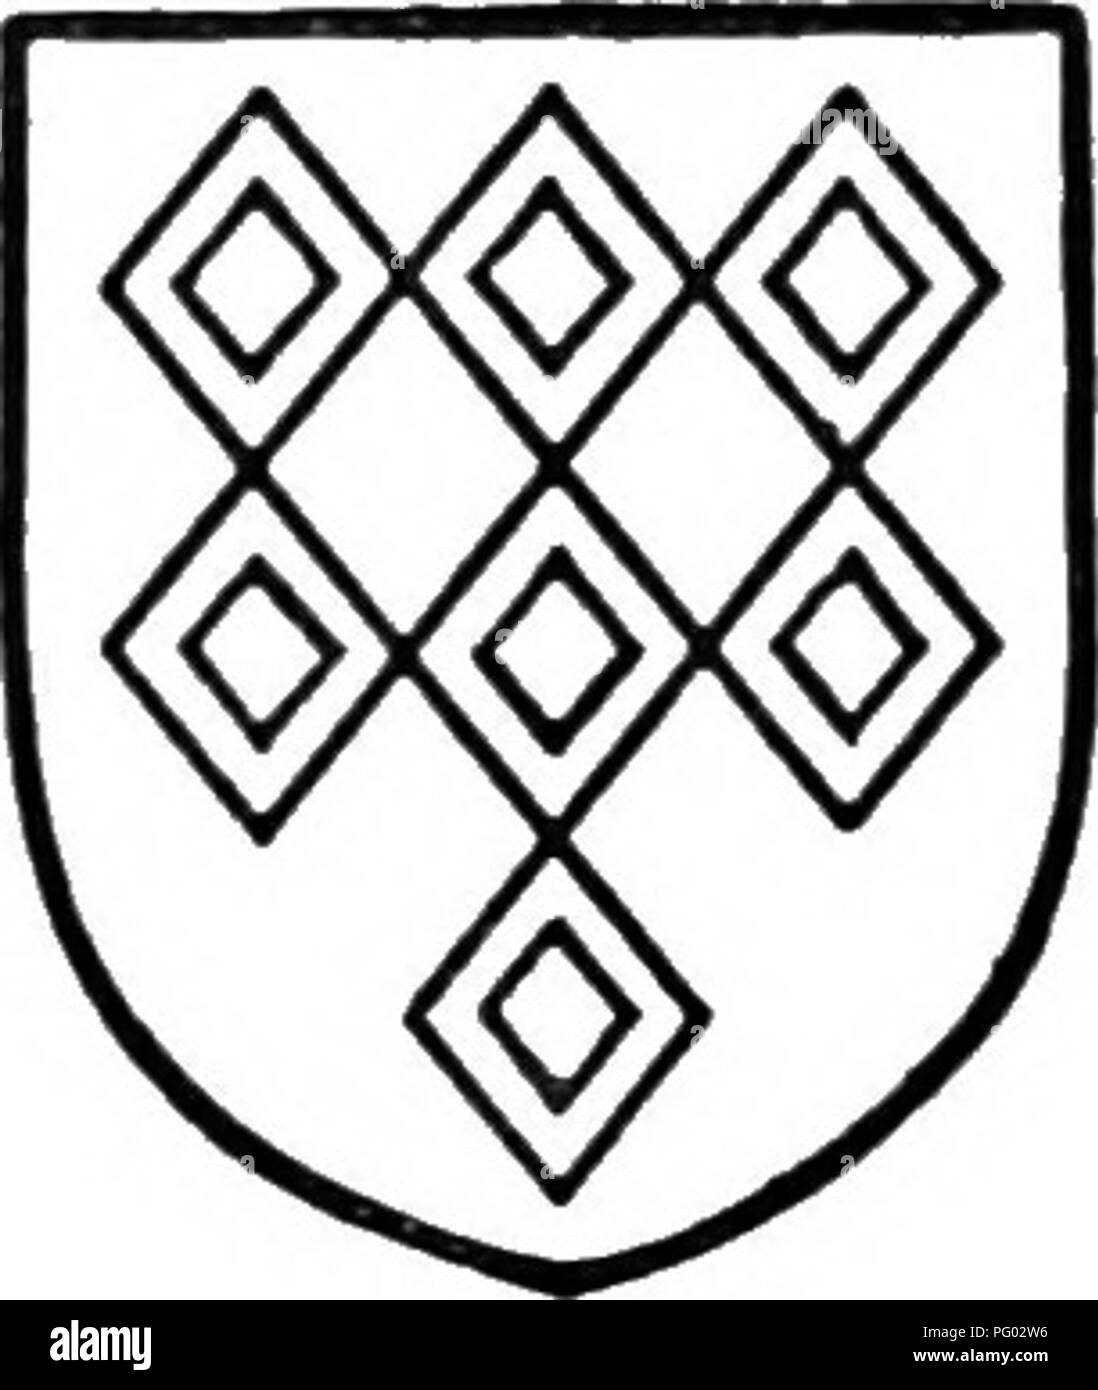 . L'histoire de Victoria du comté de Lancaster;. L'histoire naturelle. Une histoire de Lancashire. Ferrers de Grobjr. De gueules à sept cr mascles. domiciliation la troisième p.irt (d'une quatrième partie) et la troisième partie des deux tiers d'une quatrième partie de la tour de l'Chorlcy, dans lequel vere l 2 acres de terres arables nf (lo;.) et 2 hectares de prairie (FID), d'une valeur lo/. id. par an; la libre locataires rendus 3/. 3a'., les locataires de burgages 10/., les locataires à vie 4/. (&Gt;^d., et les locataires à volonté 27/^z. d. L'ensemble est tenu de Thomas Fleming et illiam de Lea, seigneurs de Croston, par les chevaliers' ser^'ice et un loyer de Photo Stock